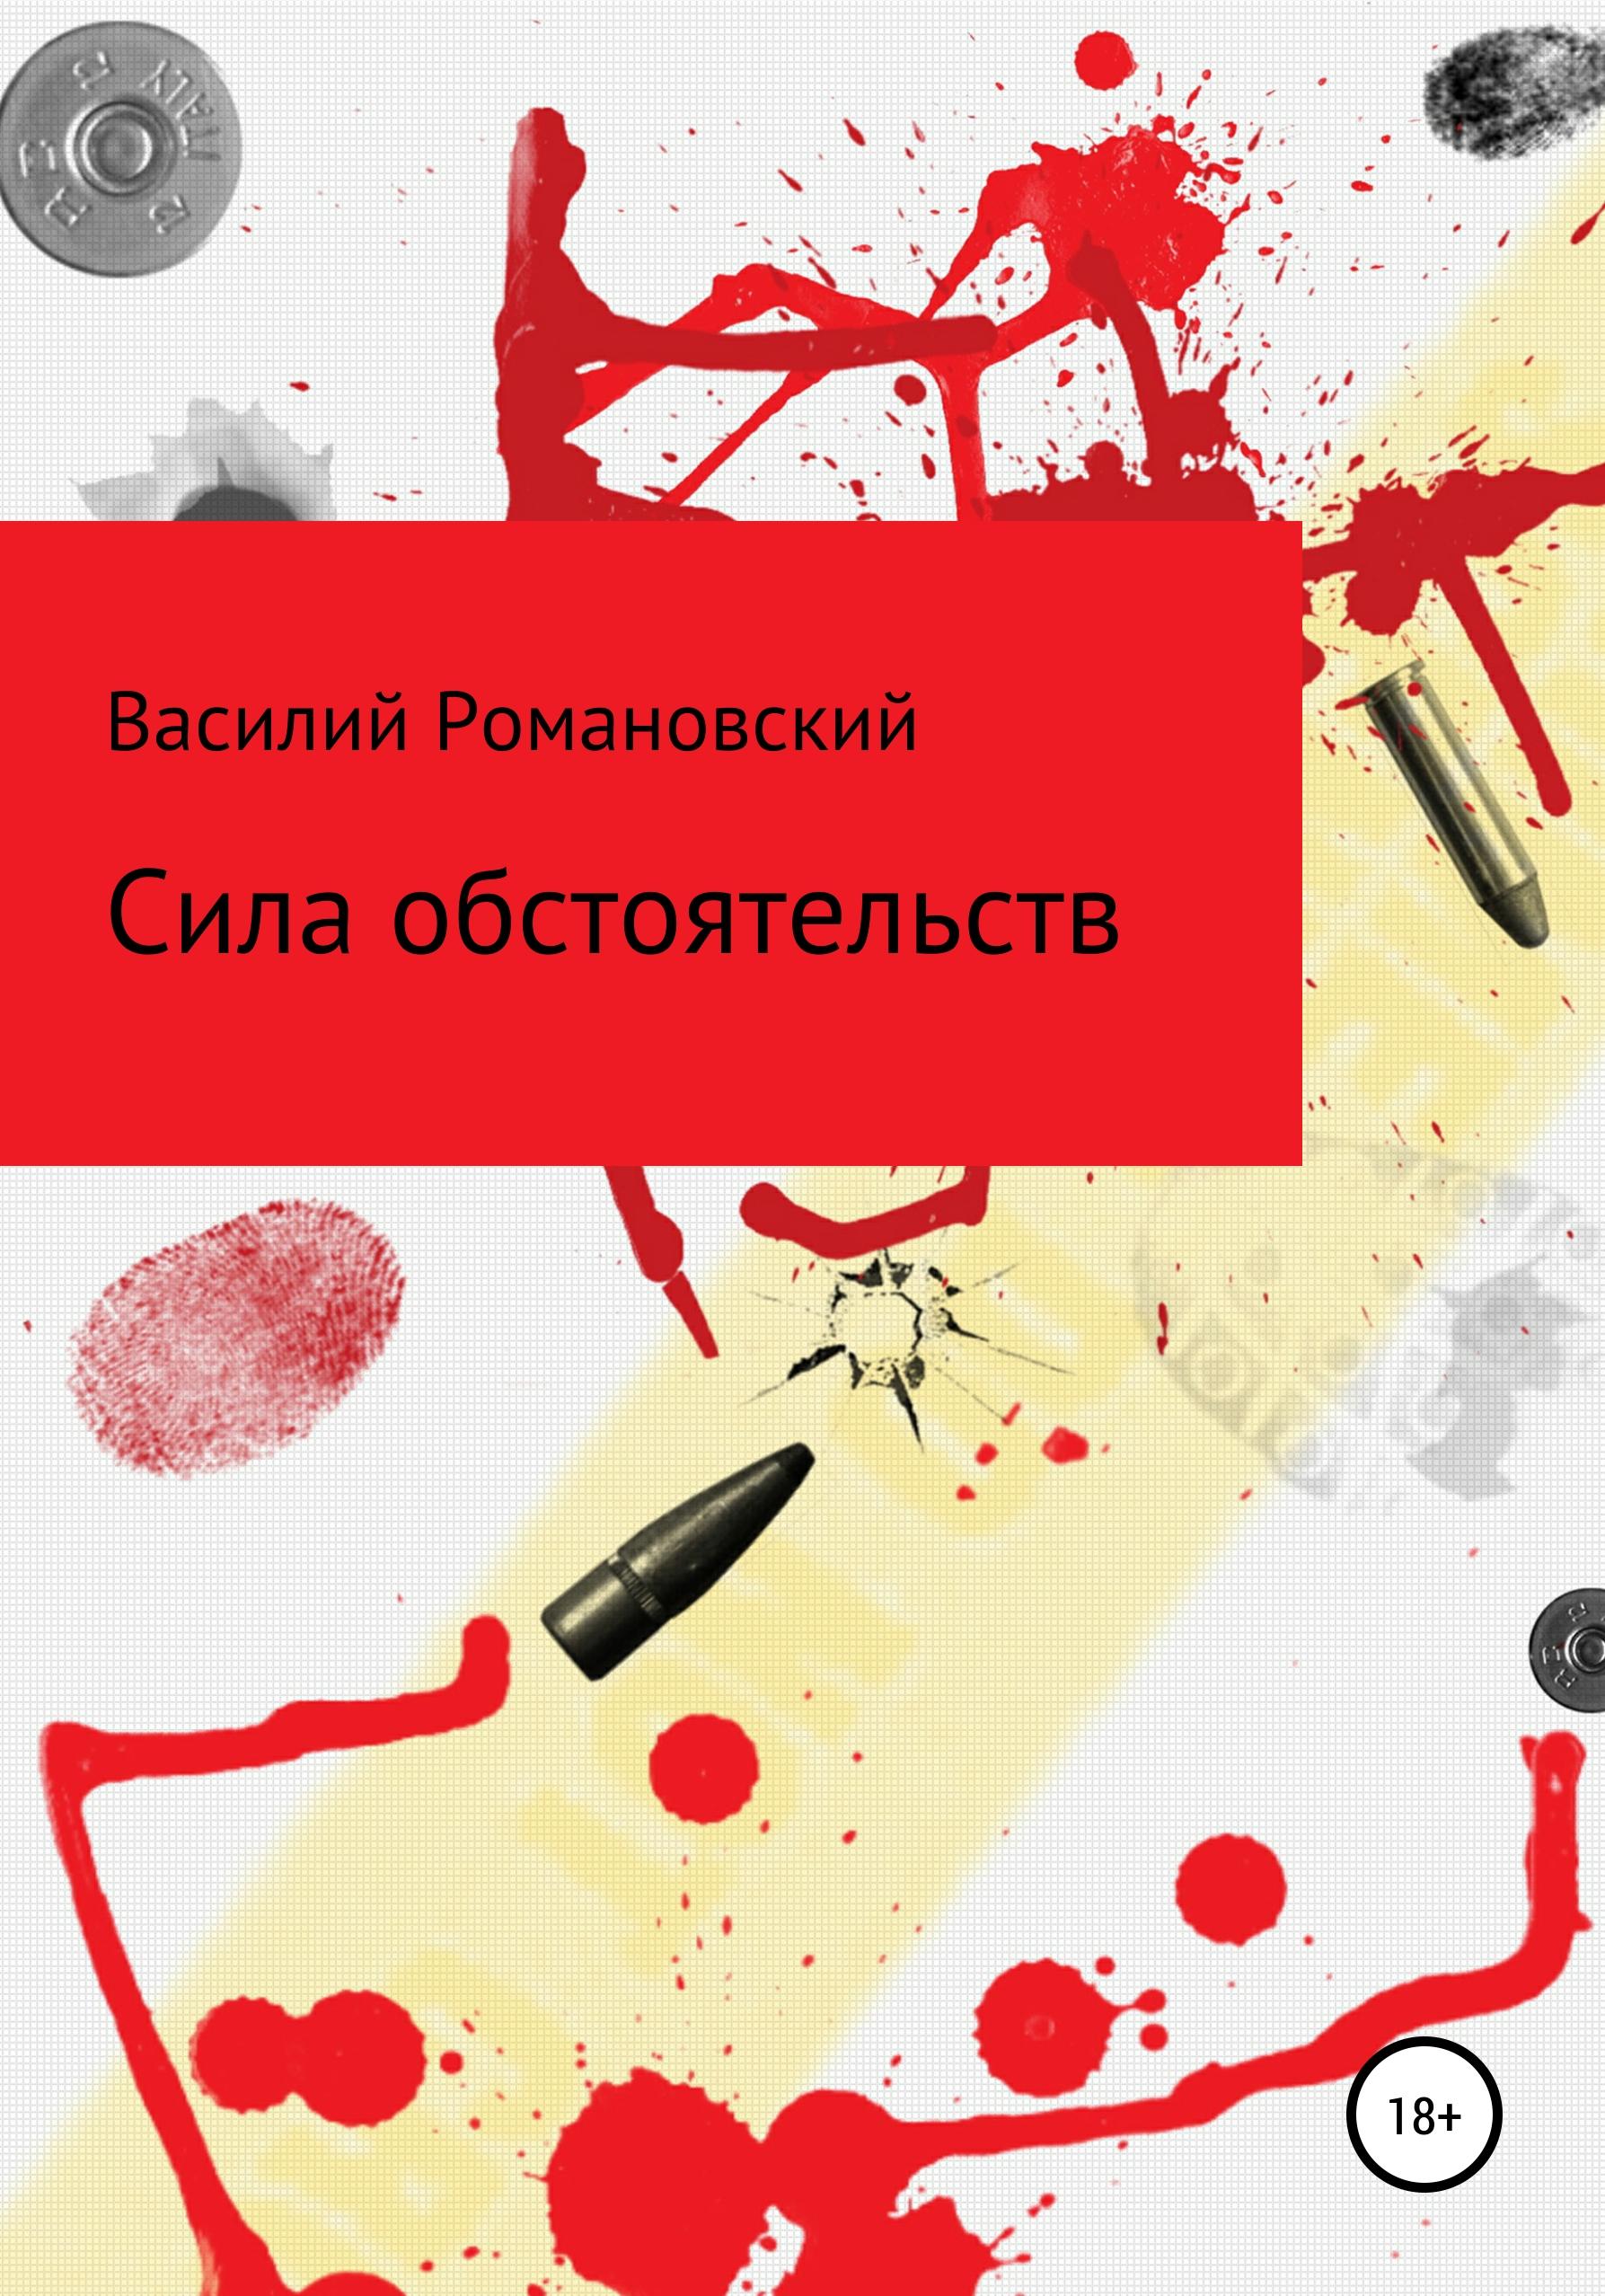 Василий Романовский Сила обстоятельств сулхан саба орбелиани о мудрости вымысла